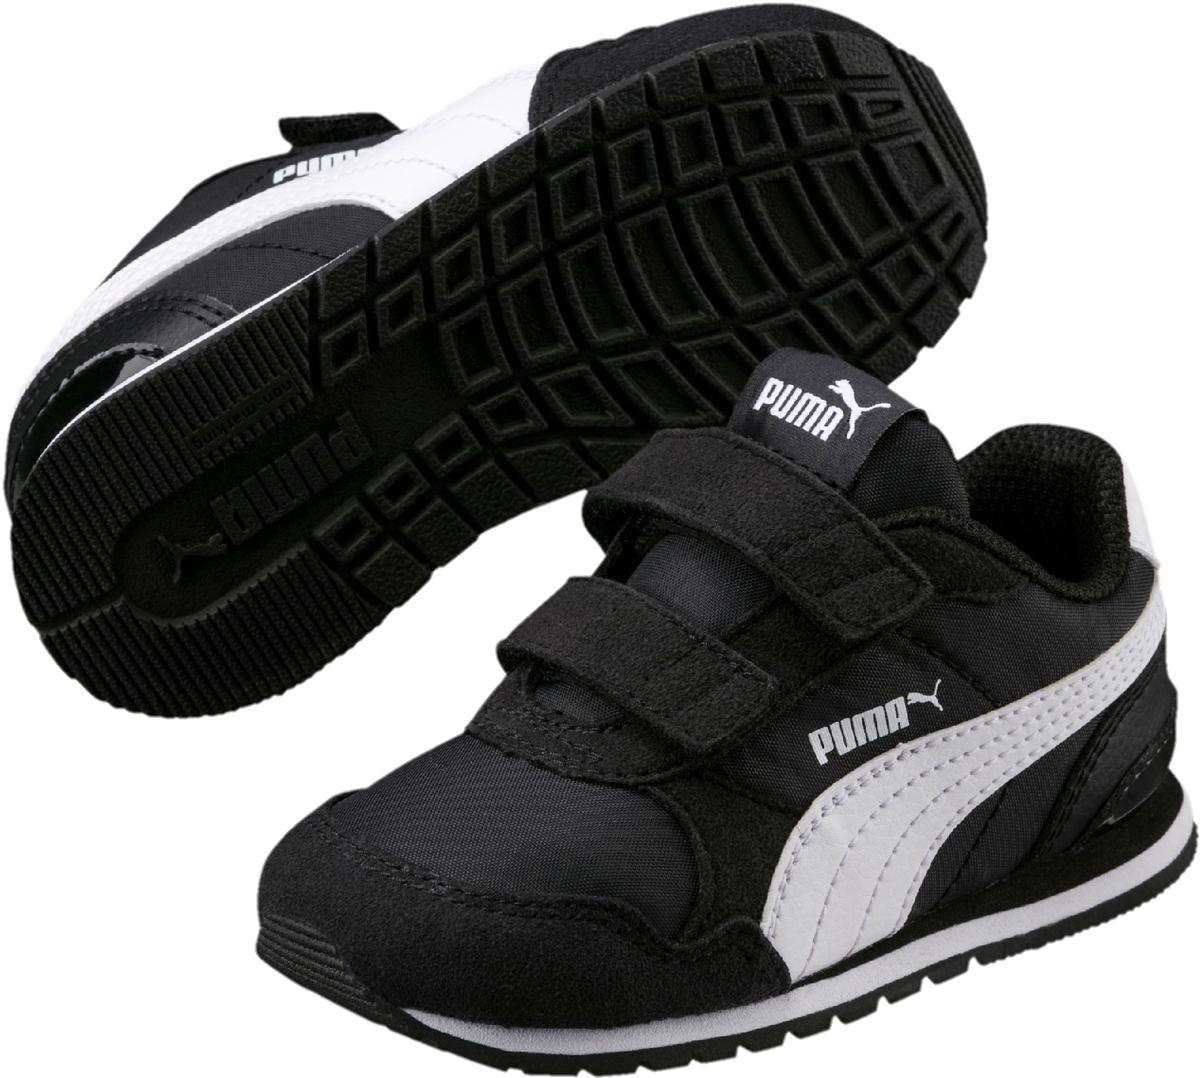 Кроссовки детские Puma ST Runner v2 NL V PS, цвет: черный. 36529401. Размер 10 (27)36529401Классический силуэт легендарной модели ST Runner никогда не выйдет из моды. В варианте ST Runner v2 NL предусмотрен сплошной резиновый накат на внешнюю подошву, чтобы нога не проскальзывала, и кроссовки носились дольше. Фигурный задник не только придает модели своеобразие, но и надежно фиксирует пятку. Традиционный нейлоновый верх с фирменной боковой полосой из натуральной кожи соответствует эксклюзивному стилю ST Runner. Липучки обеспечивают надежную фиксацию обуви на ноге ребенка. Подкладка выполнена из текстиля, что предотвращает натирание и гарантирует уют. Резиновая подошва с рифлением обеспечивает идеальное сцепление с любыми поверхностями.